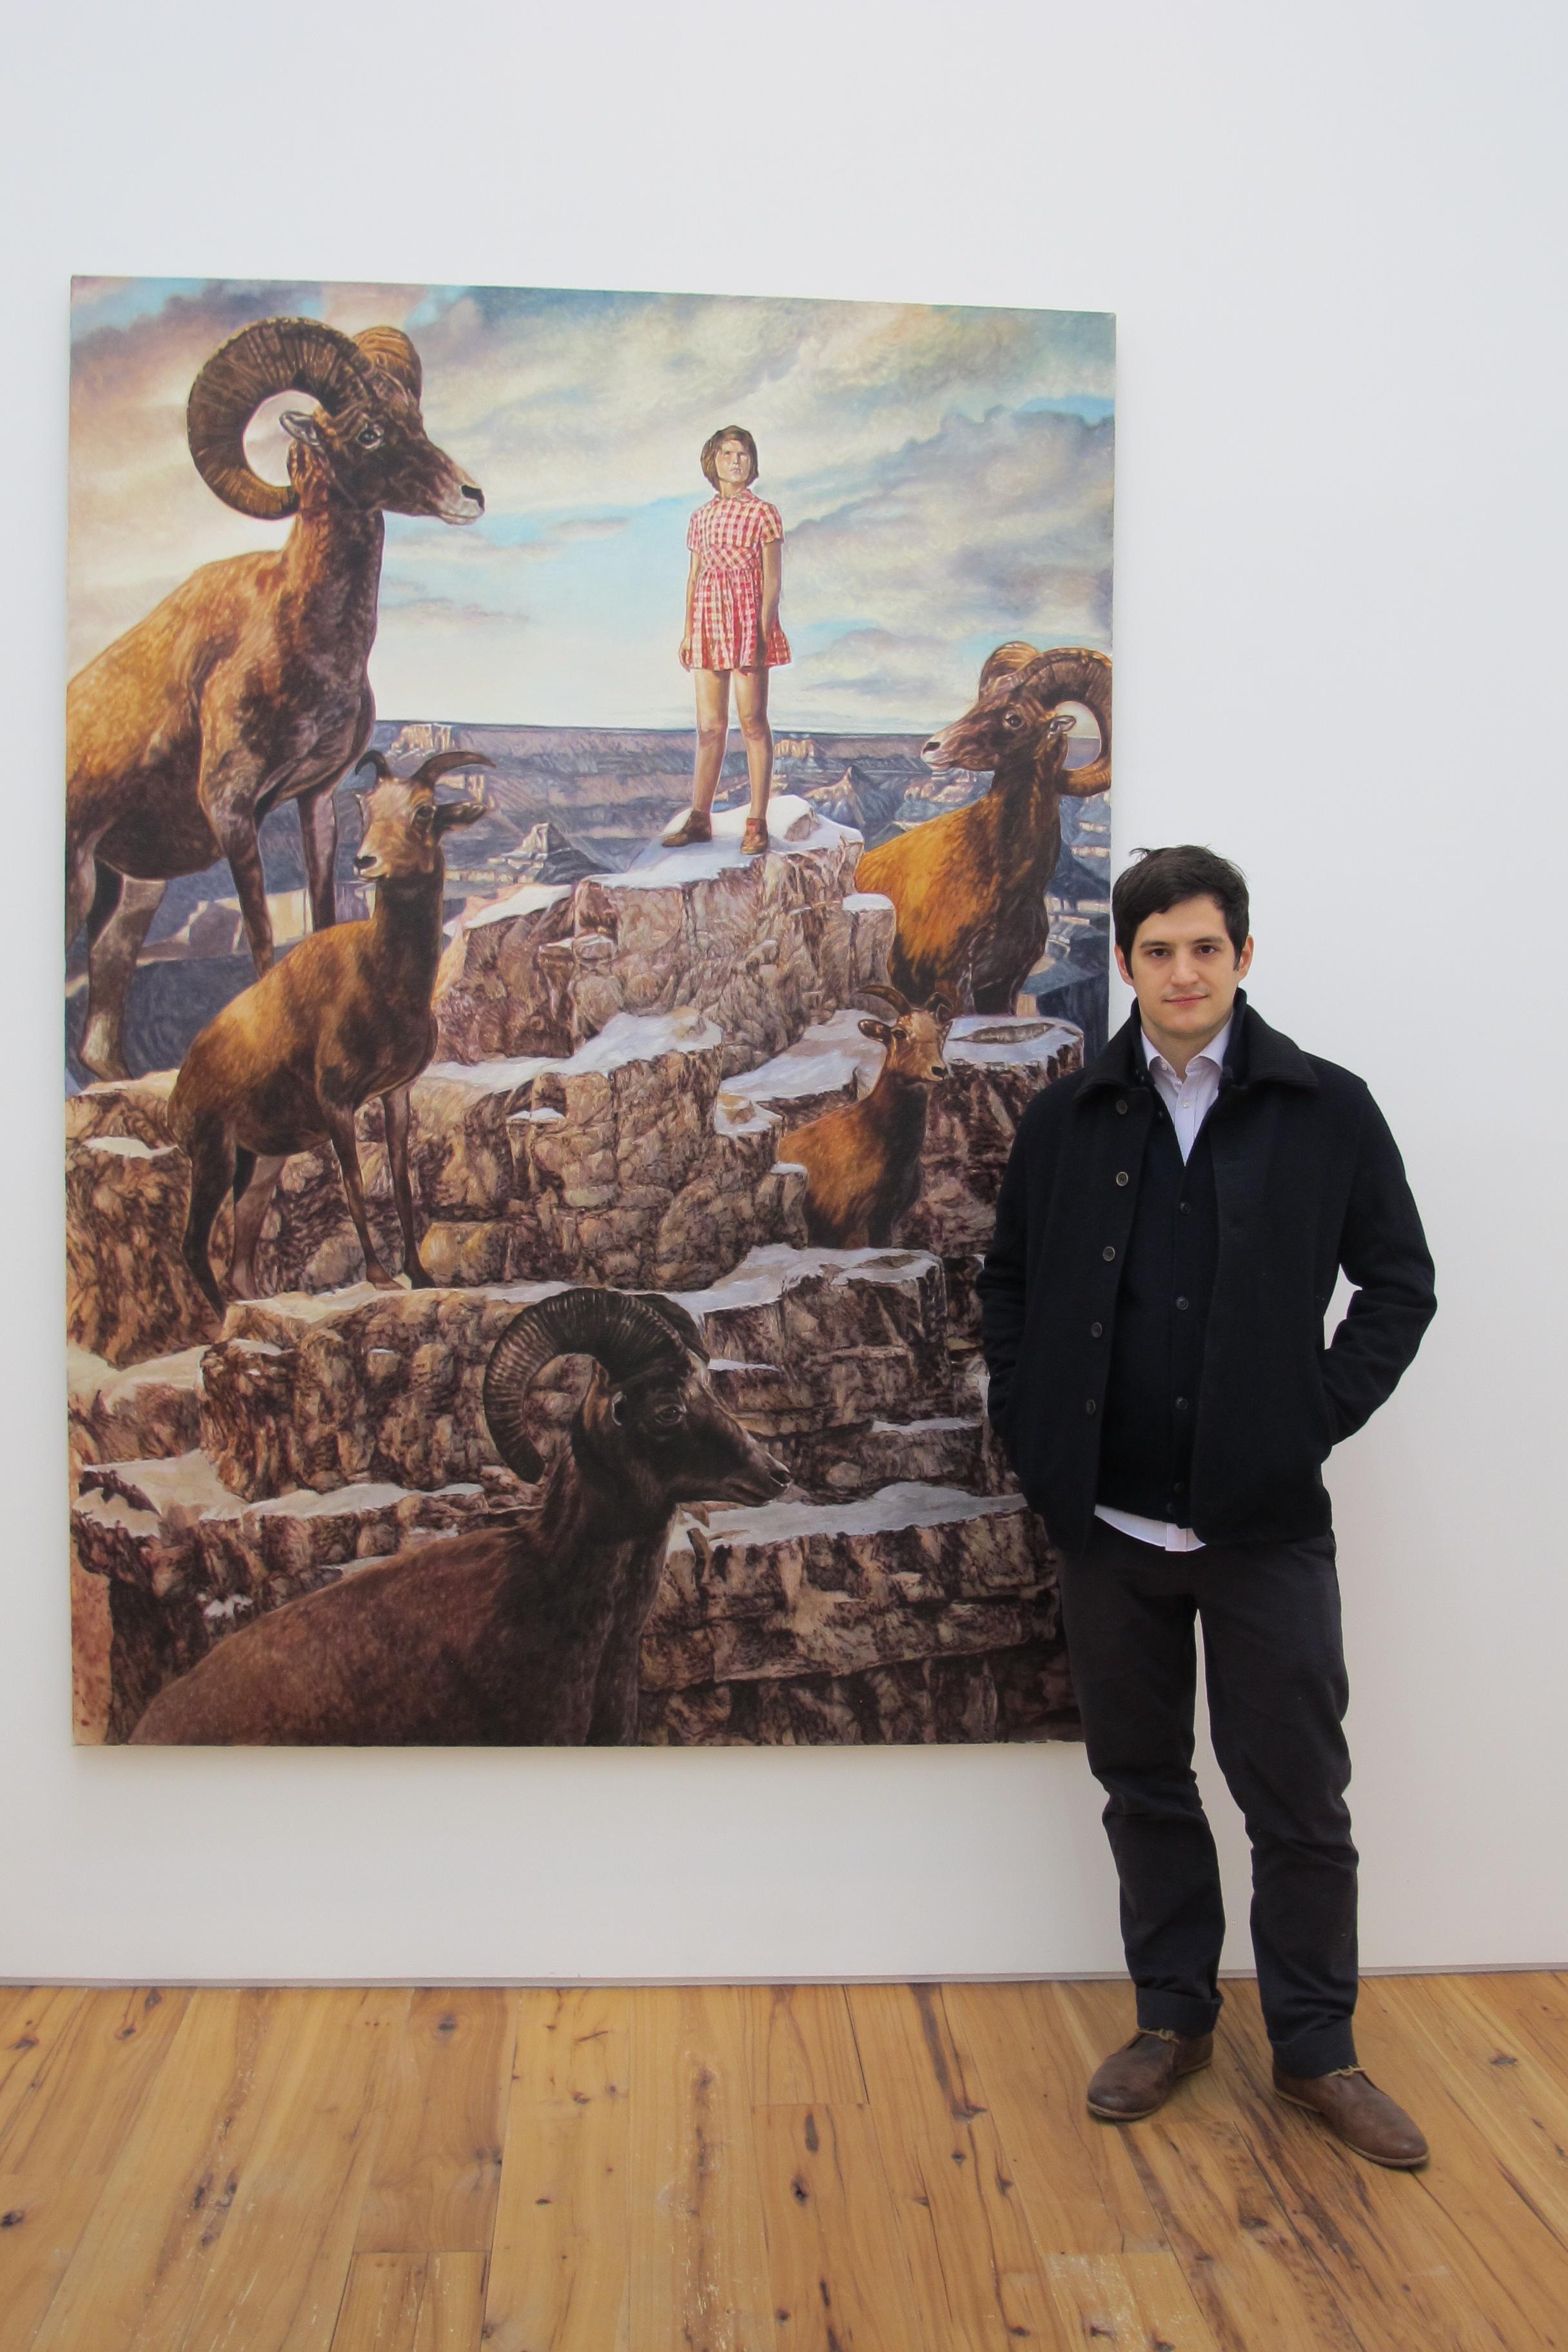 Marin Majic (Artist)